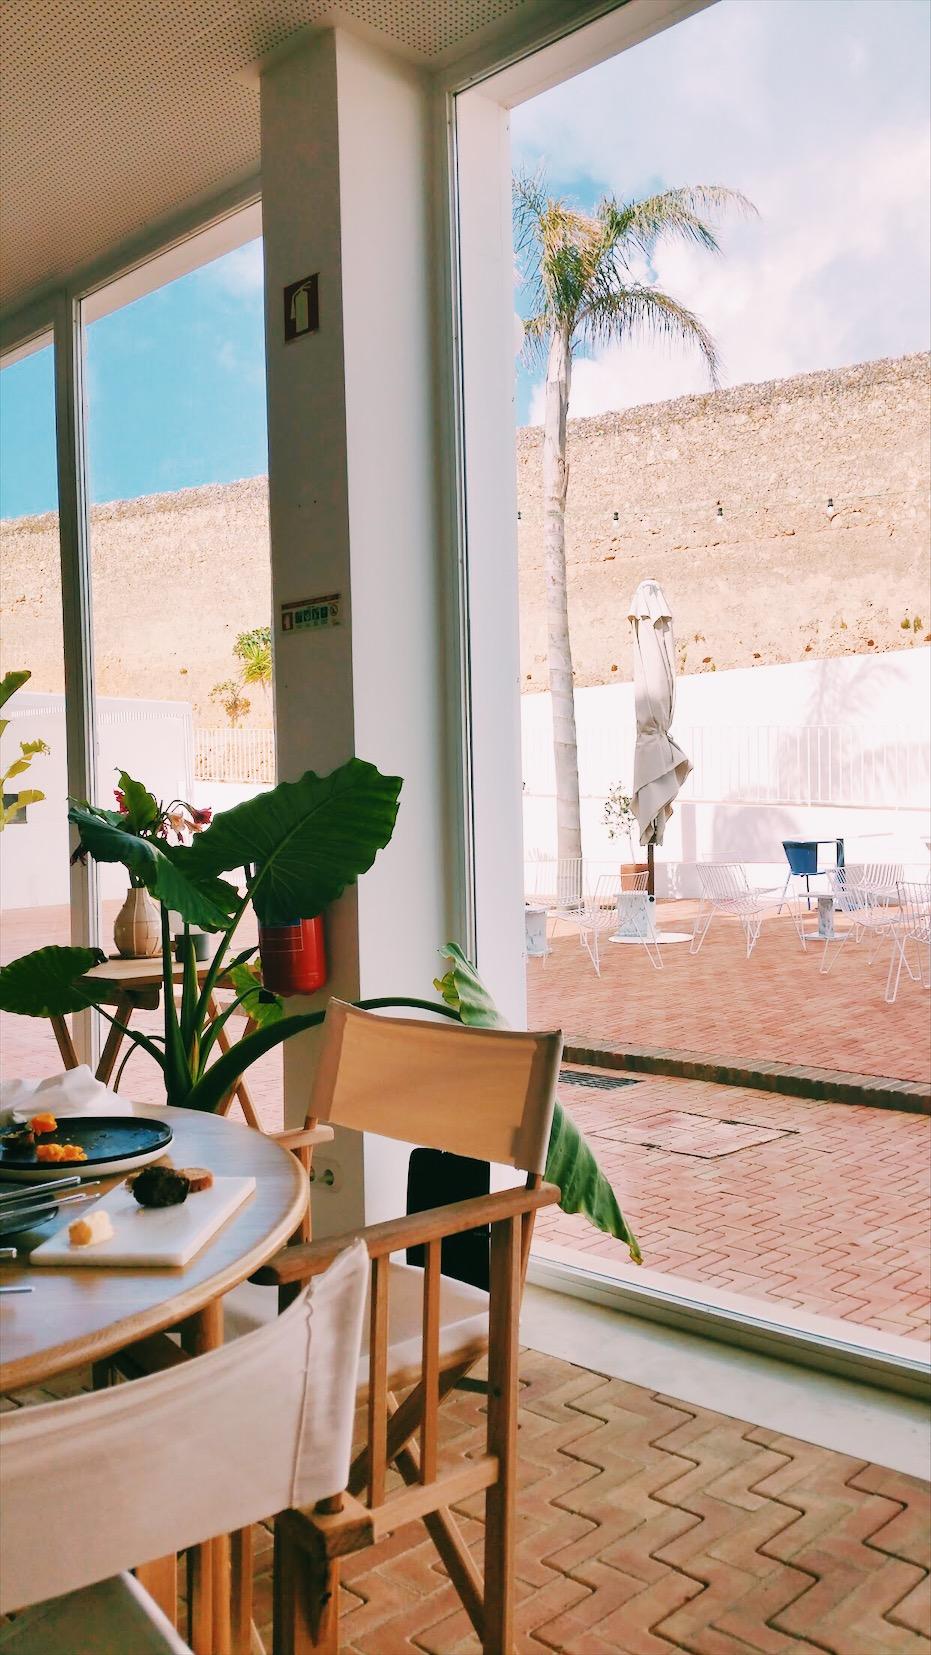 Orta-restaurant-interior.jpg